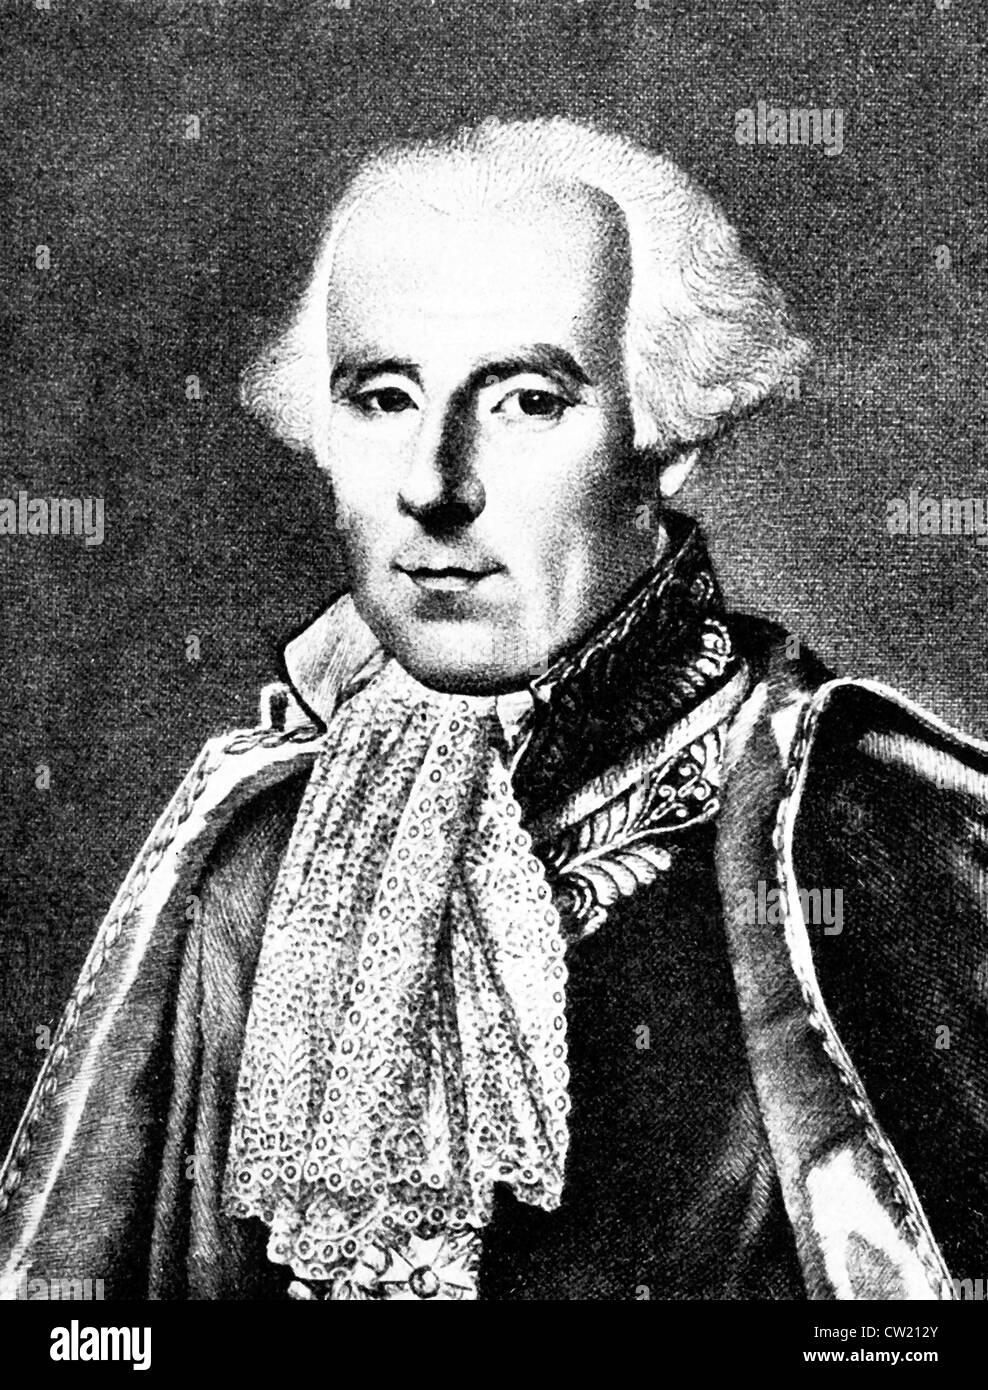 Pierre Simon Laplace, Pierre - Simon Marquis de Laplace - Stock Image